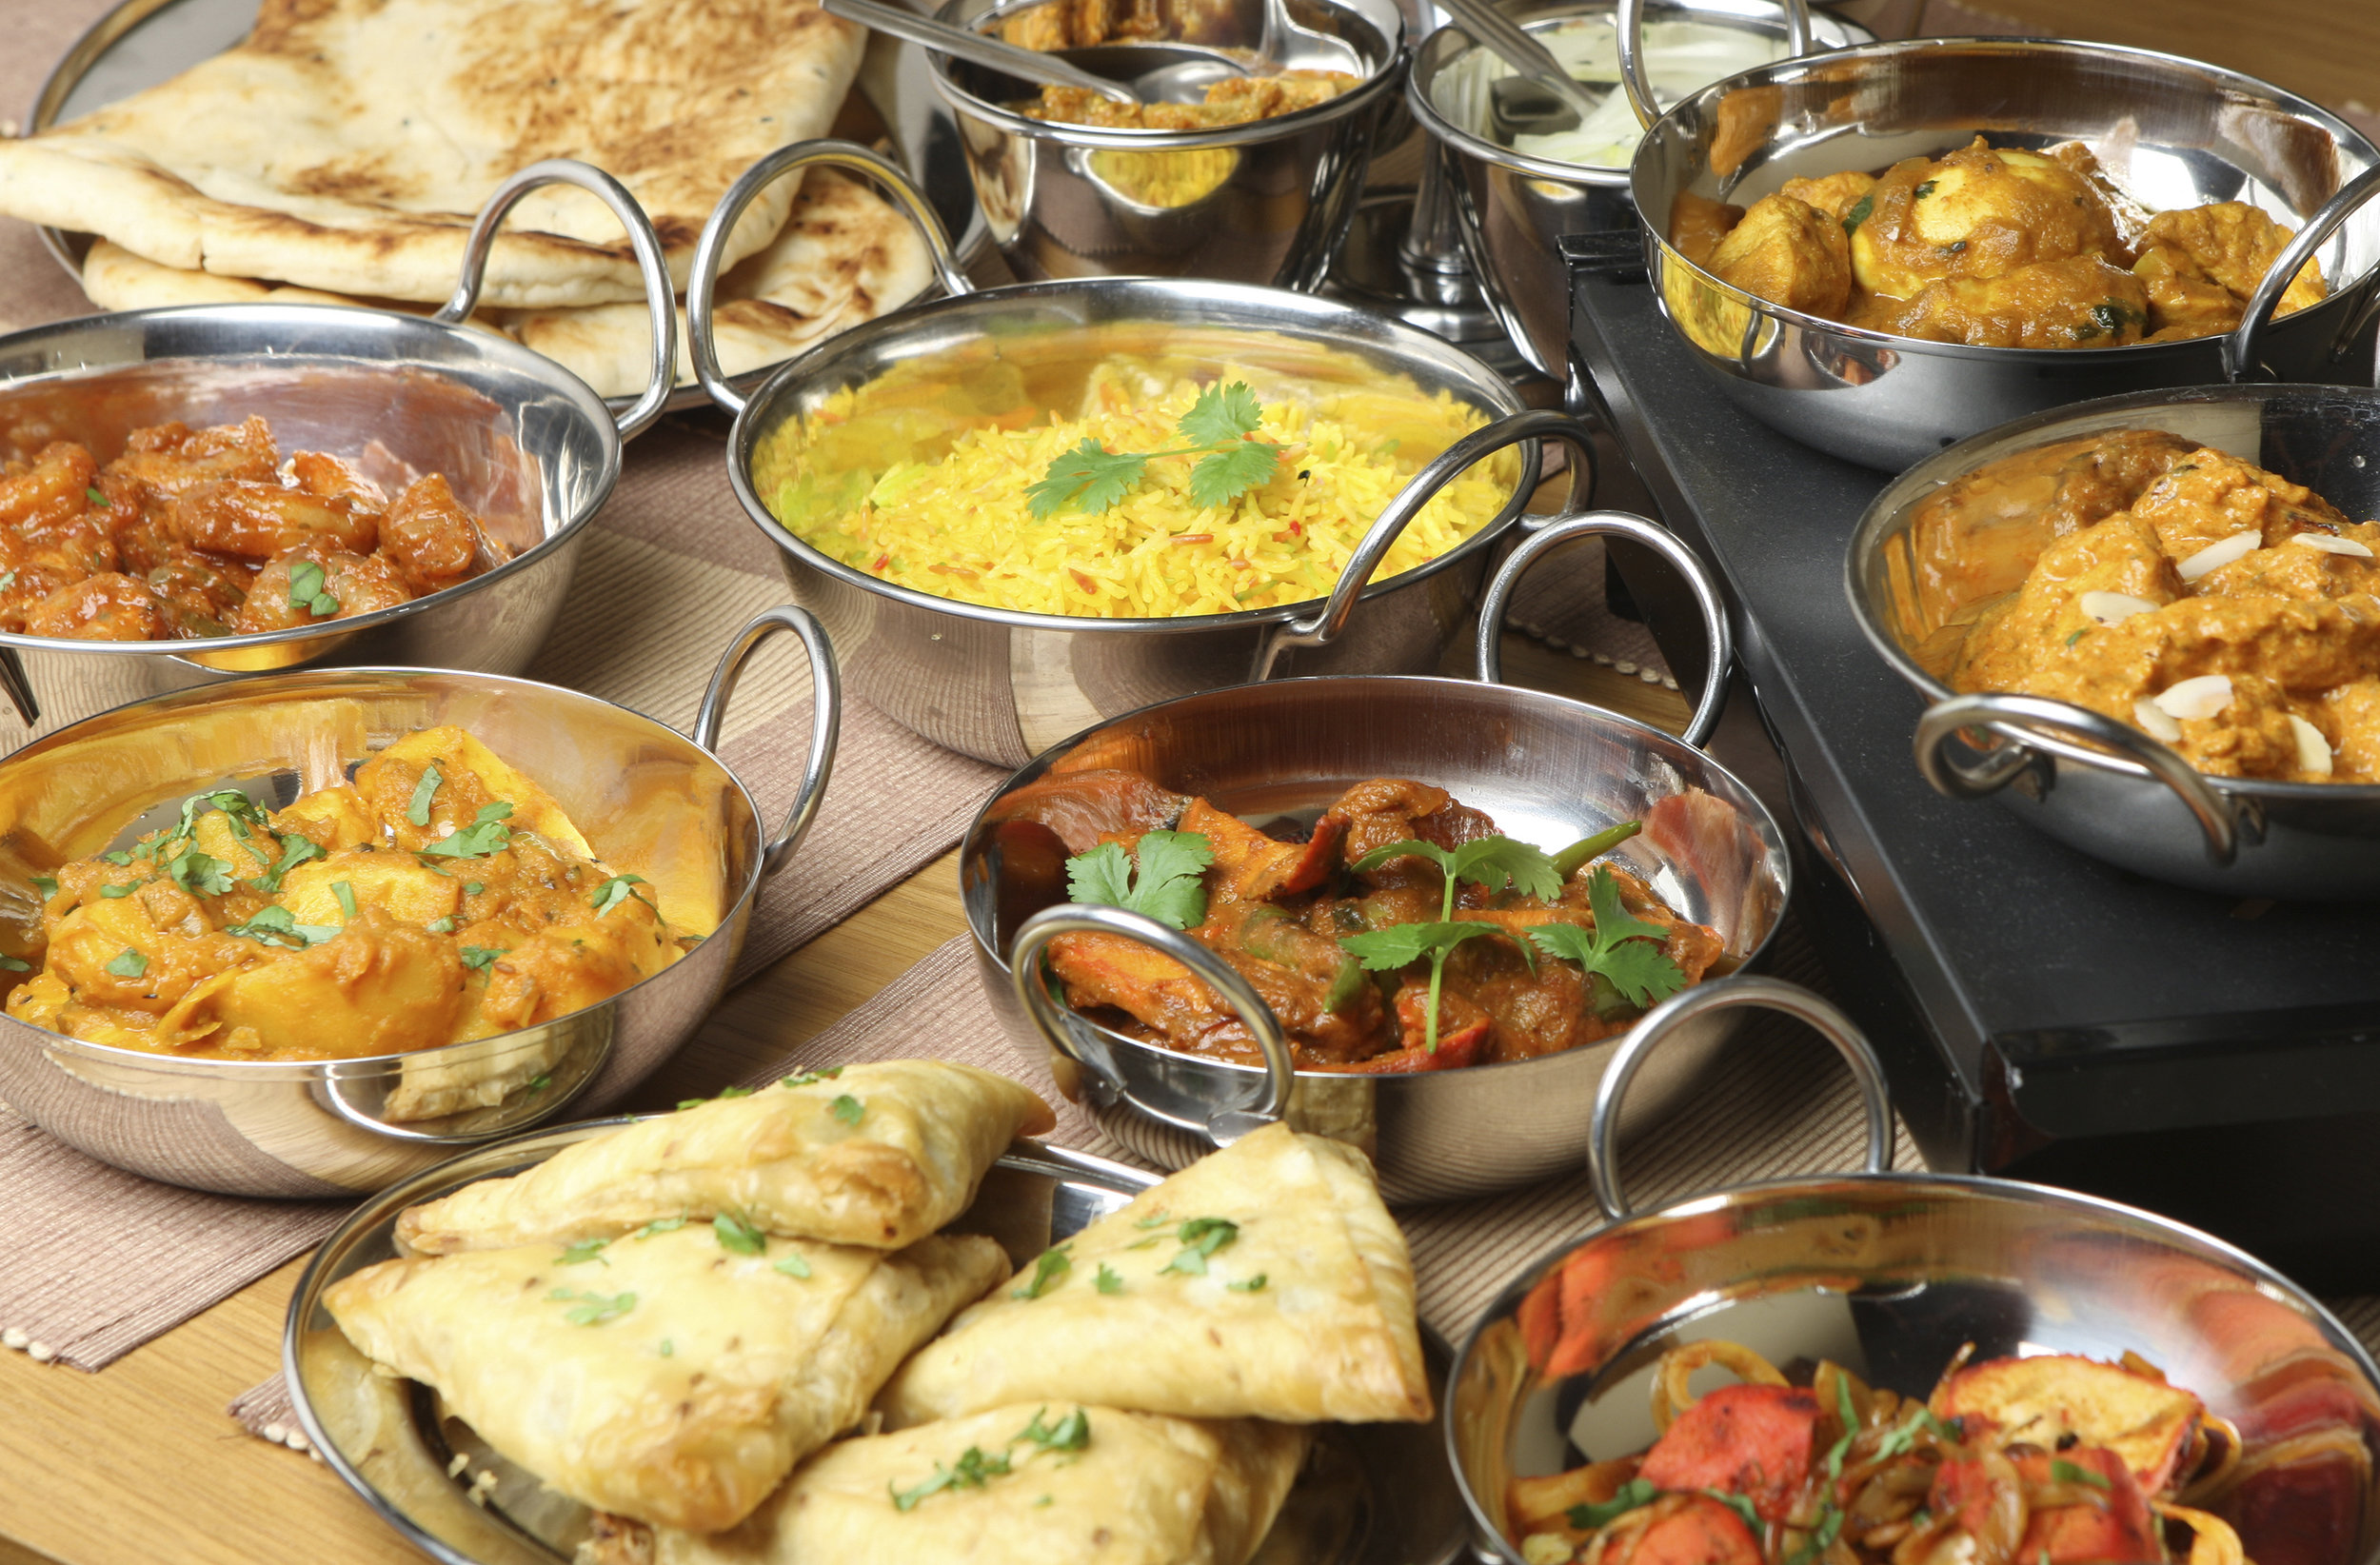 636154999481039734-1275705477_best-indian-food-new-orleans.jpg